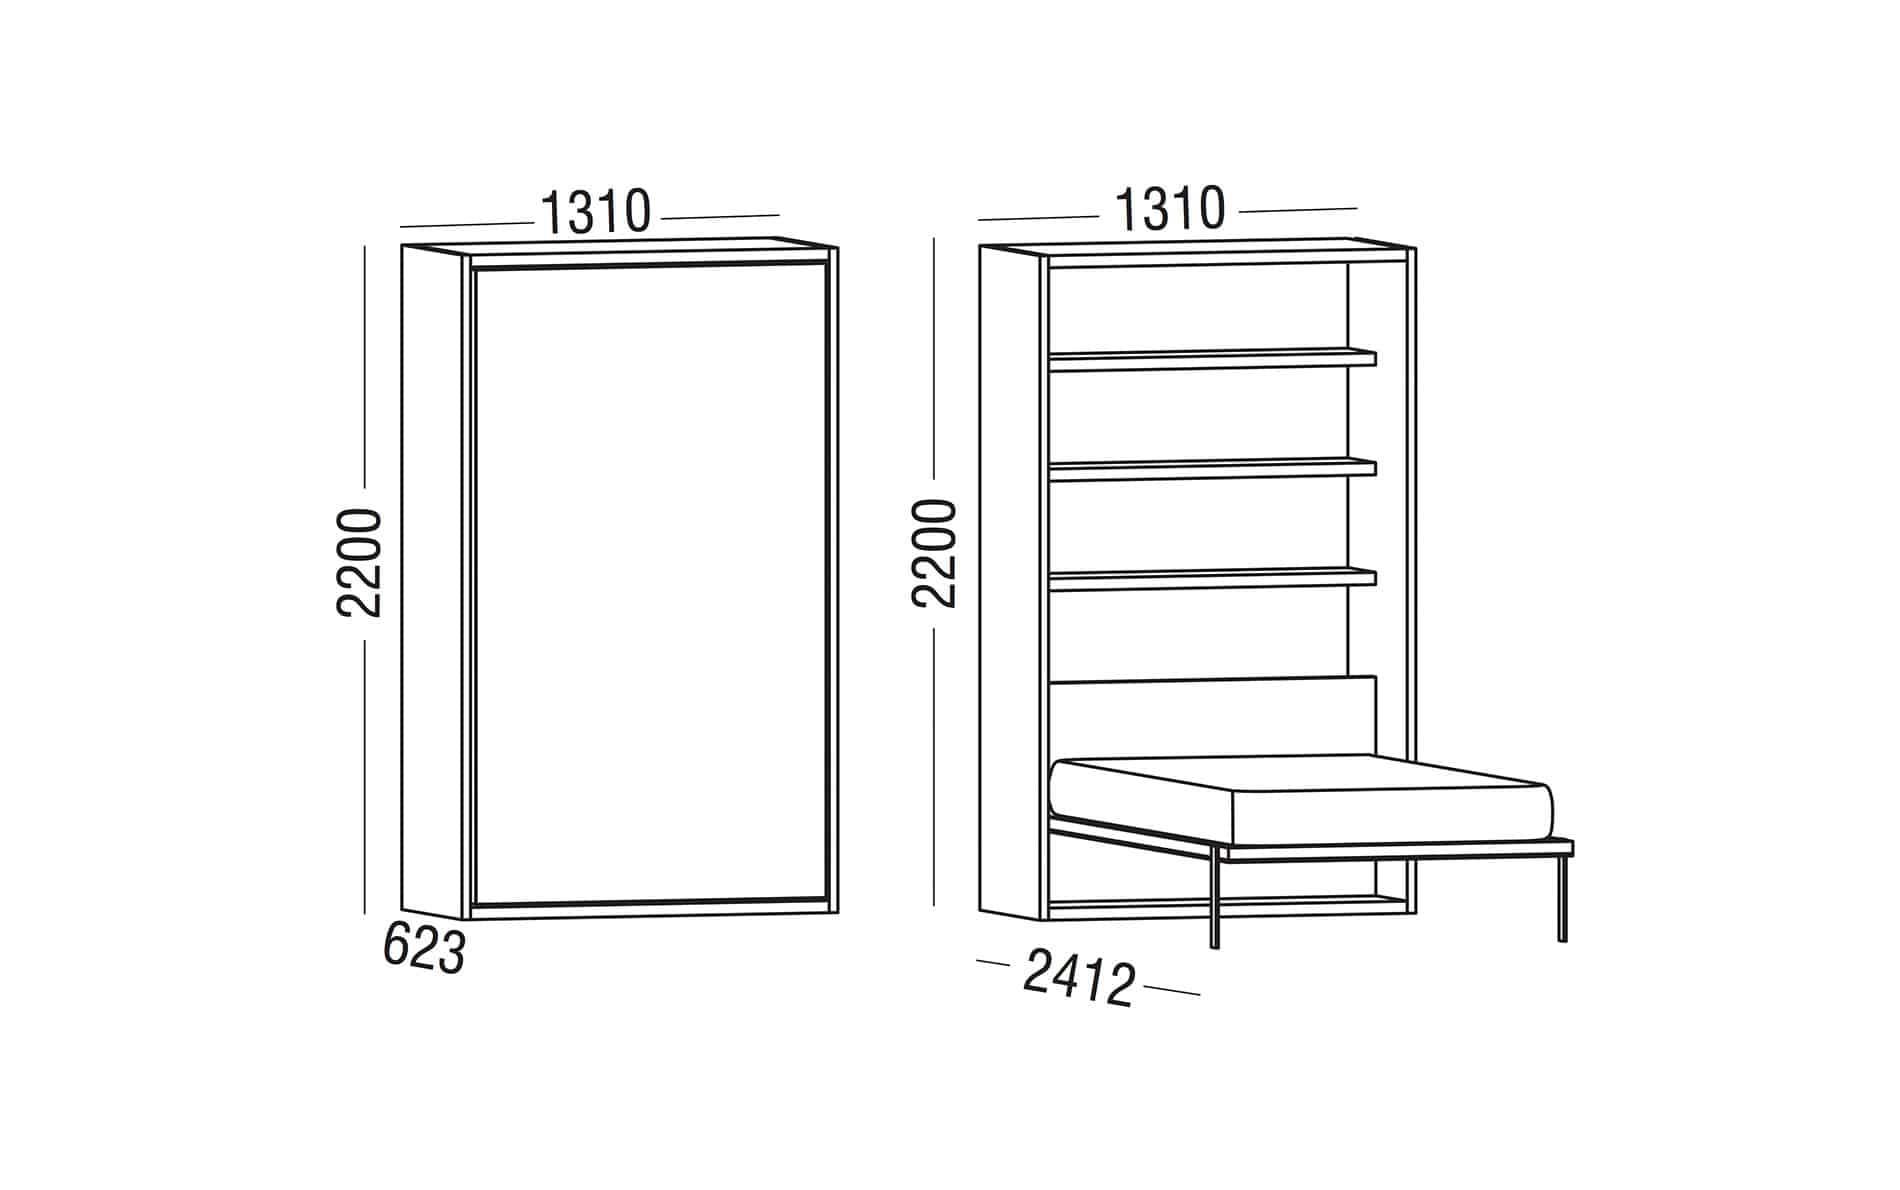 schrankbetten online kaufen m bel suchmaschine. Black Bedroom Furniture Sets. Home Design Ideas